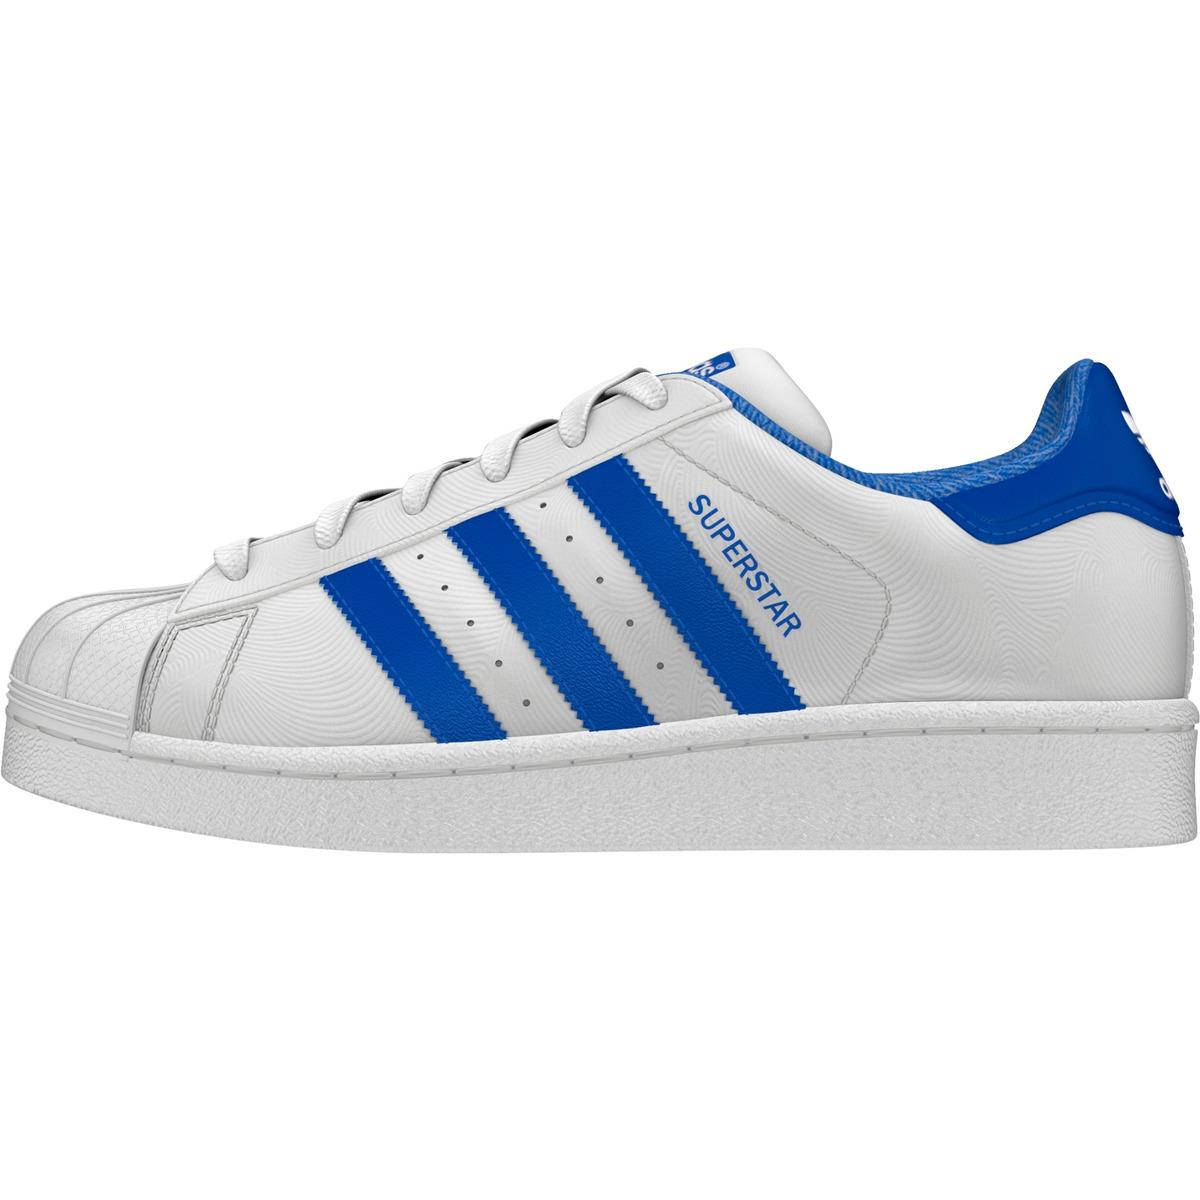 Zapatillas adidas Originals Superstar Niños Cq2699 cq2699